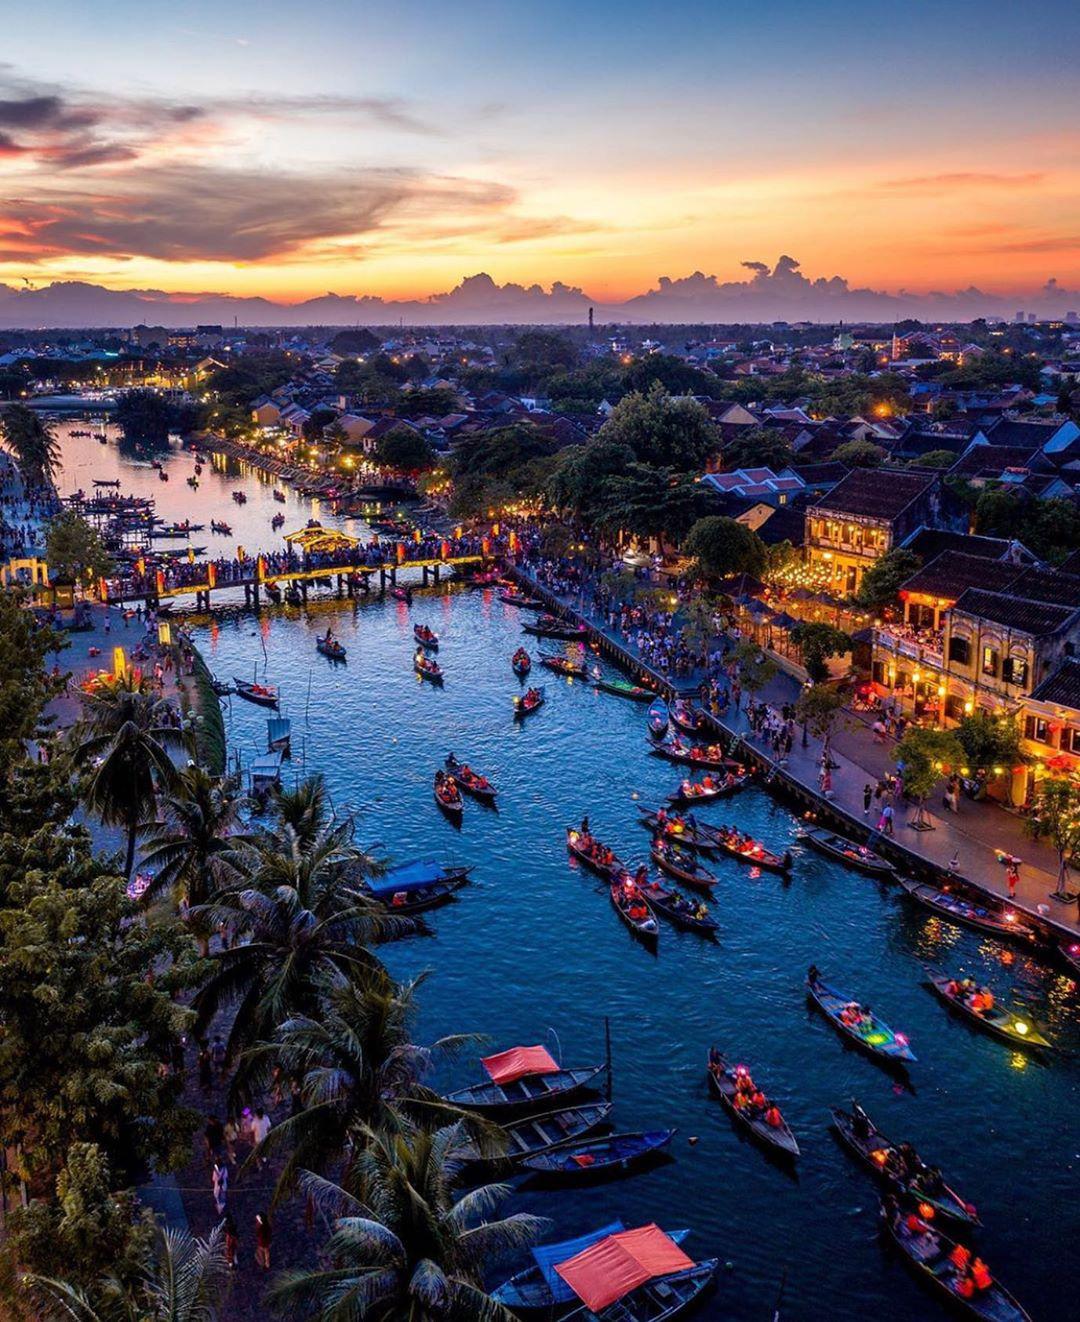 Việt Nam nằm trong danh sách những điểm đến hàng đầu trên thế giới - Ảnh 1.